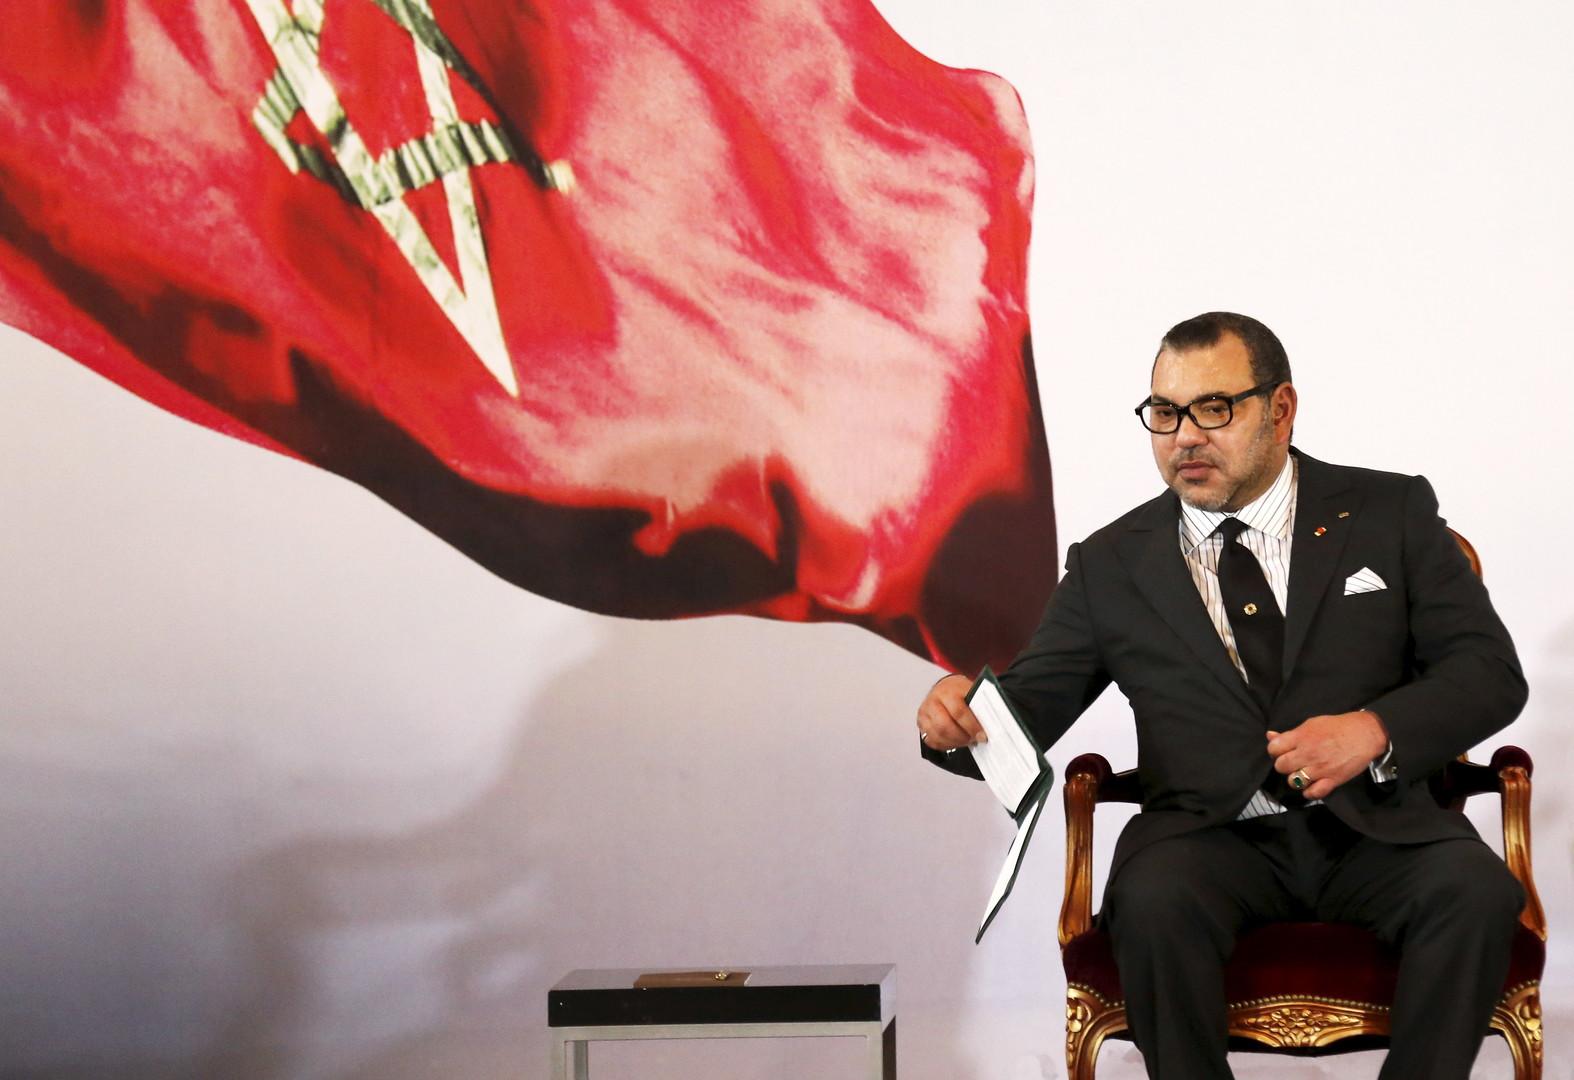 بعد 50 عاما.. الملك محمد السادس يوعز بإجراء انتخابات للهيئات اليهودية في المغرب